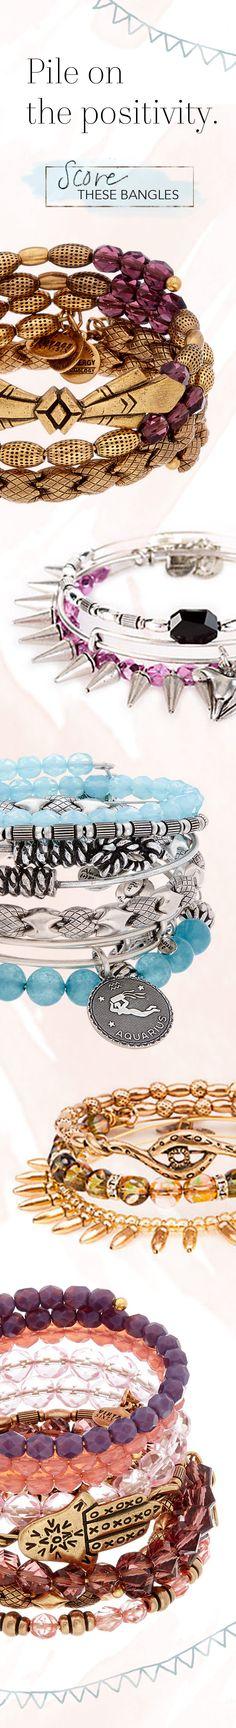 Alex Ani bracelets